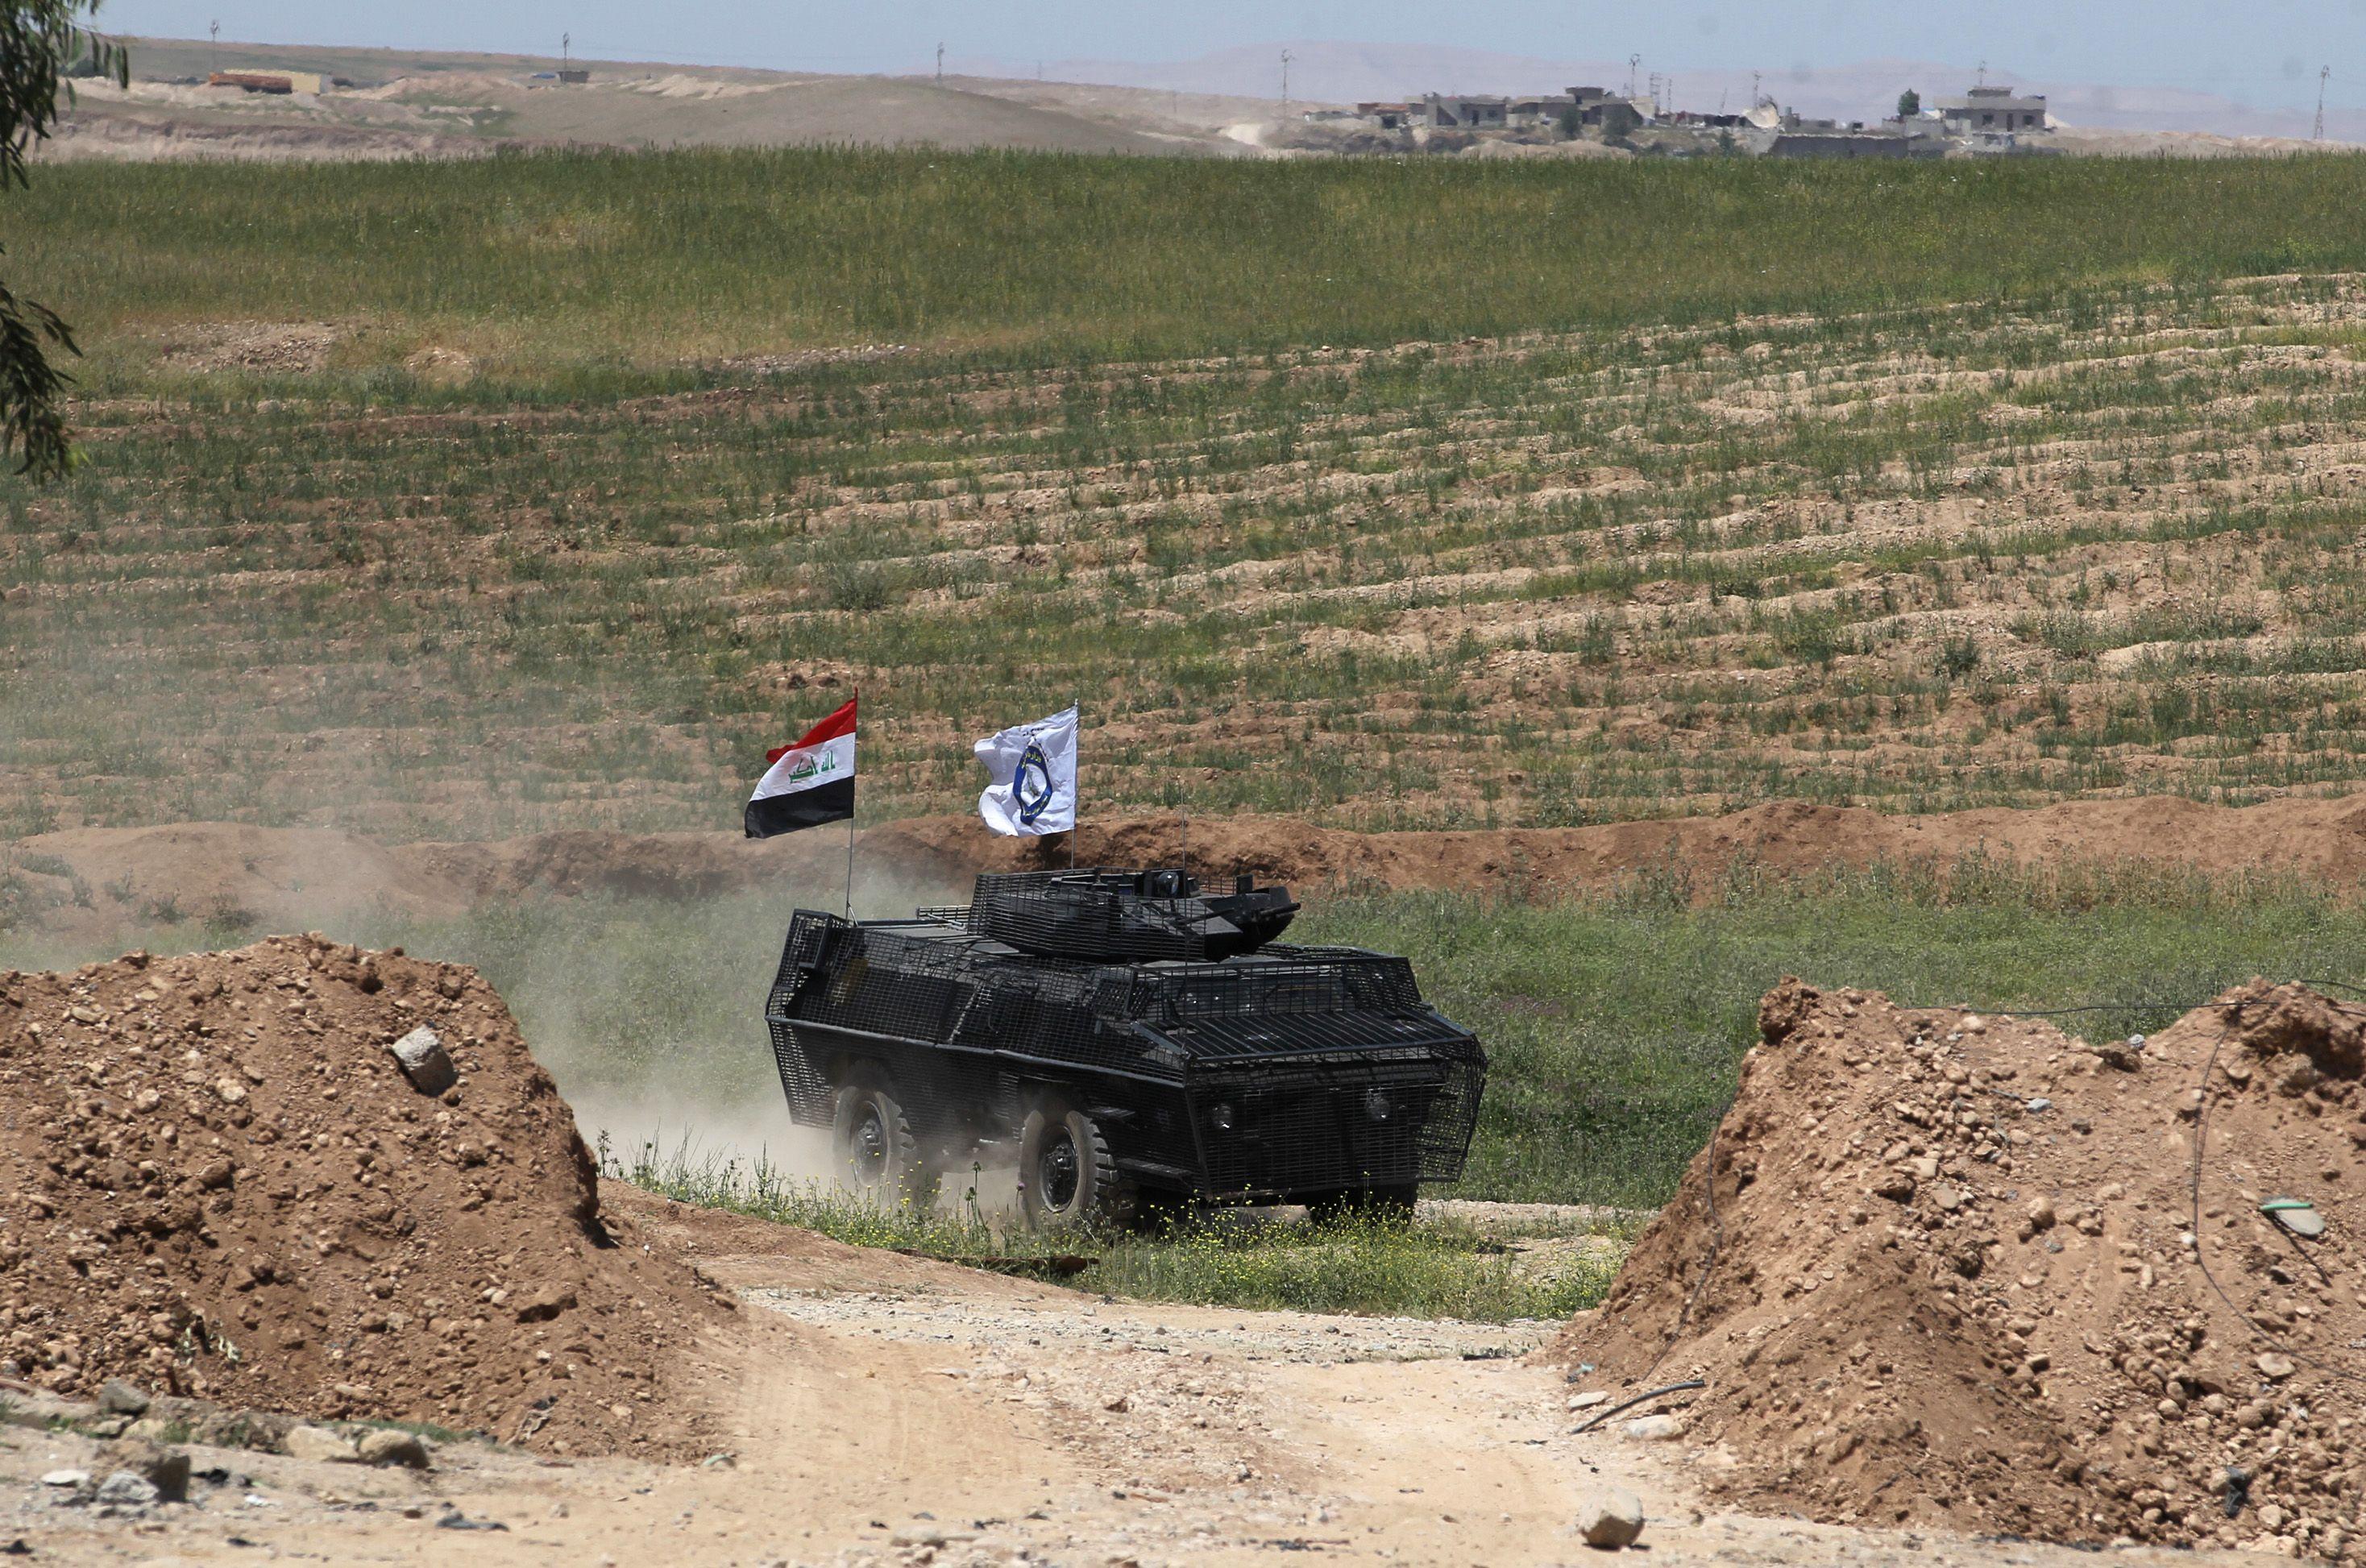 مدرعة خاصة بقوات الشرطة الاتحادية التي شاركت في الهجوم المباغت من شمال الجانب الايمن لمدينة الموصل